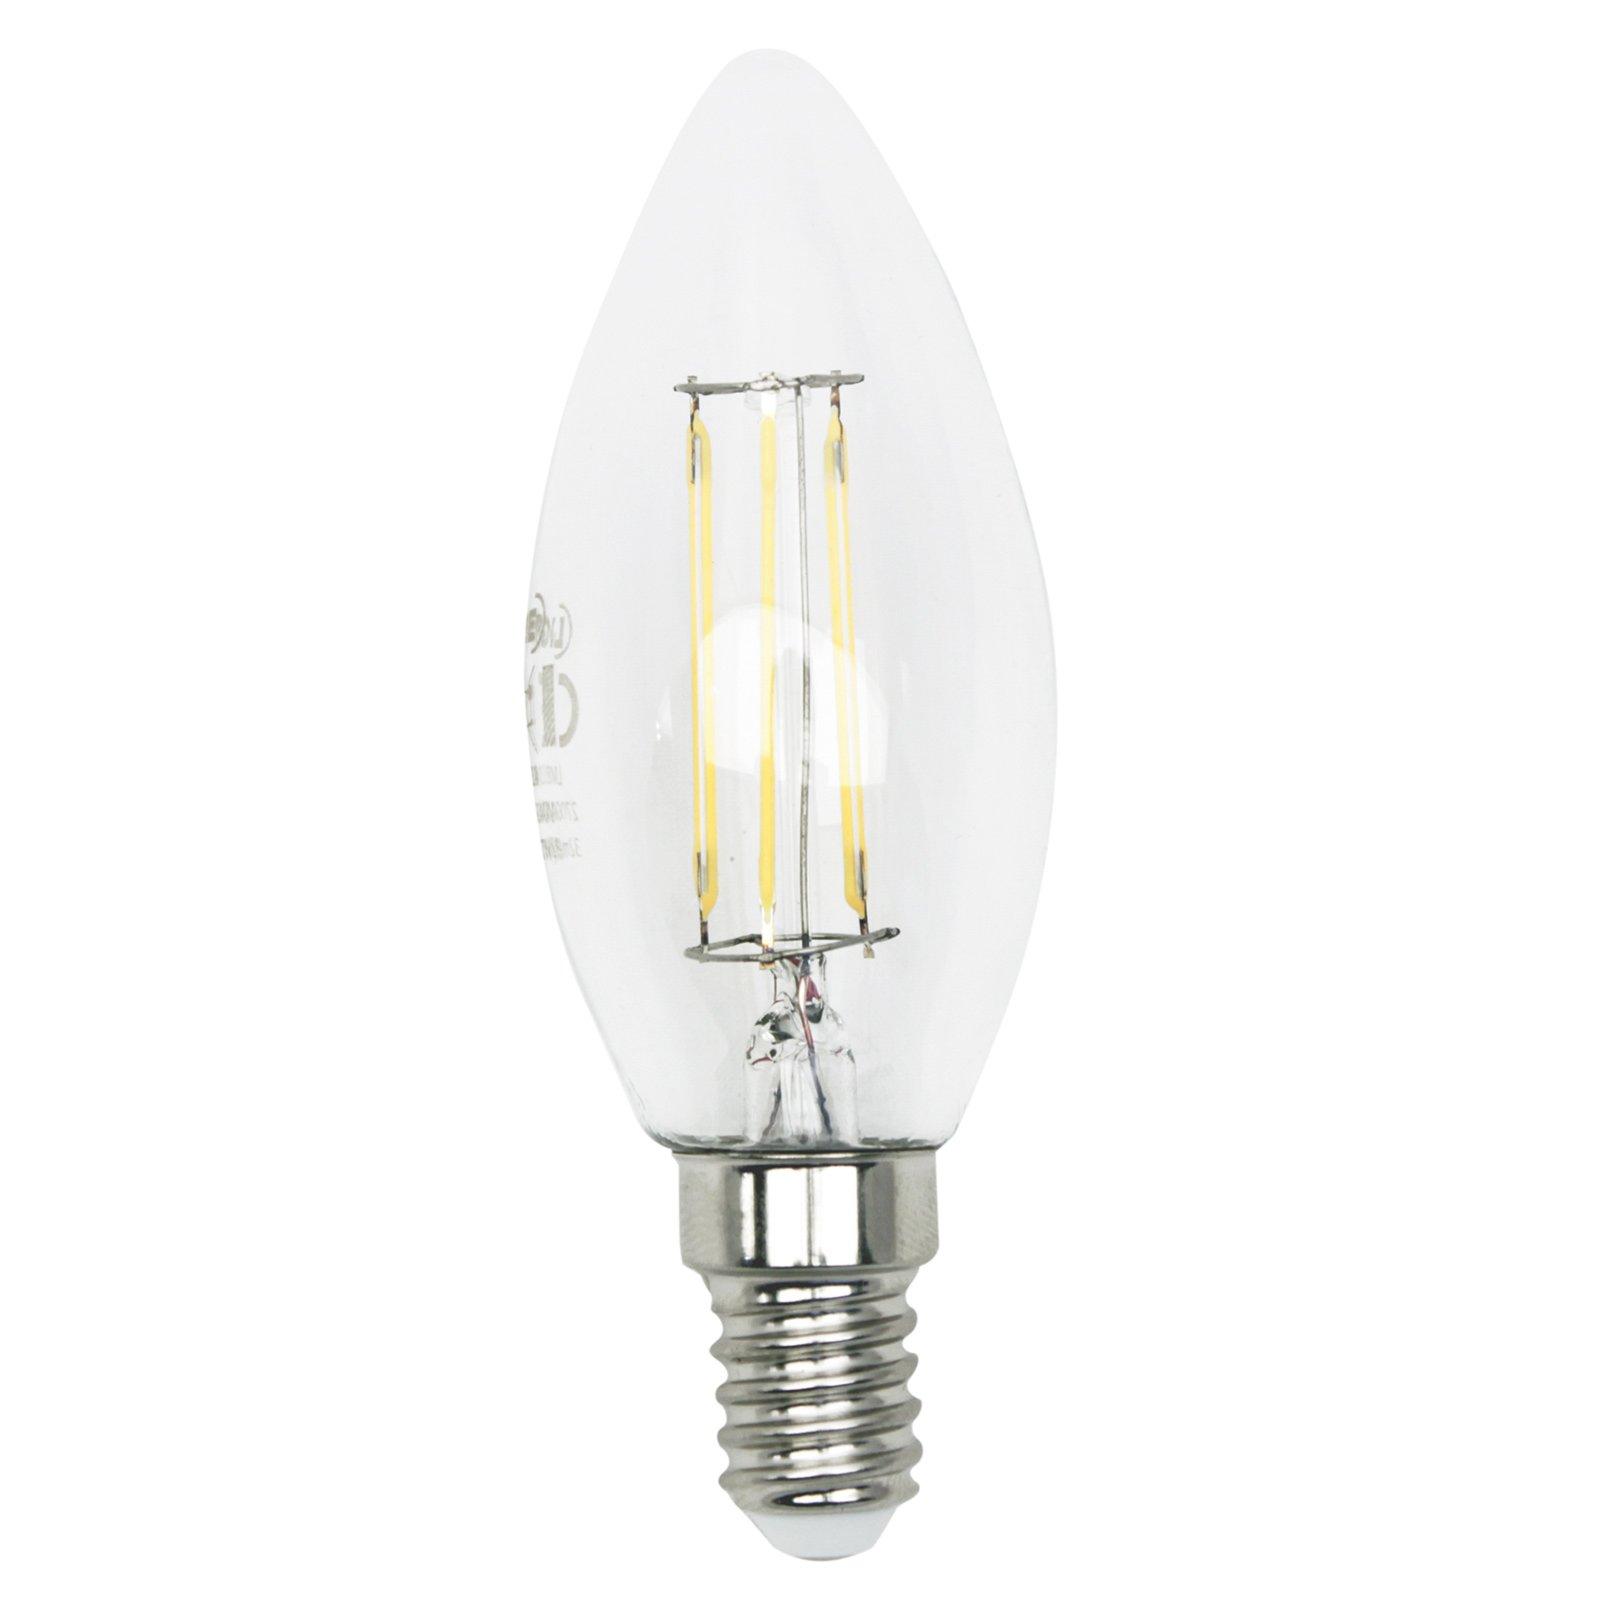 led kerzenlampe filament lightme e14 4 watt warmwei gl hbirnen leuchtmittel. Black Bedroom Furniture Sets. Home Design Ideas